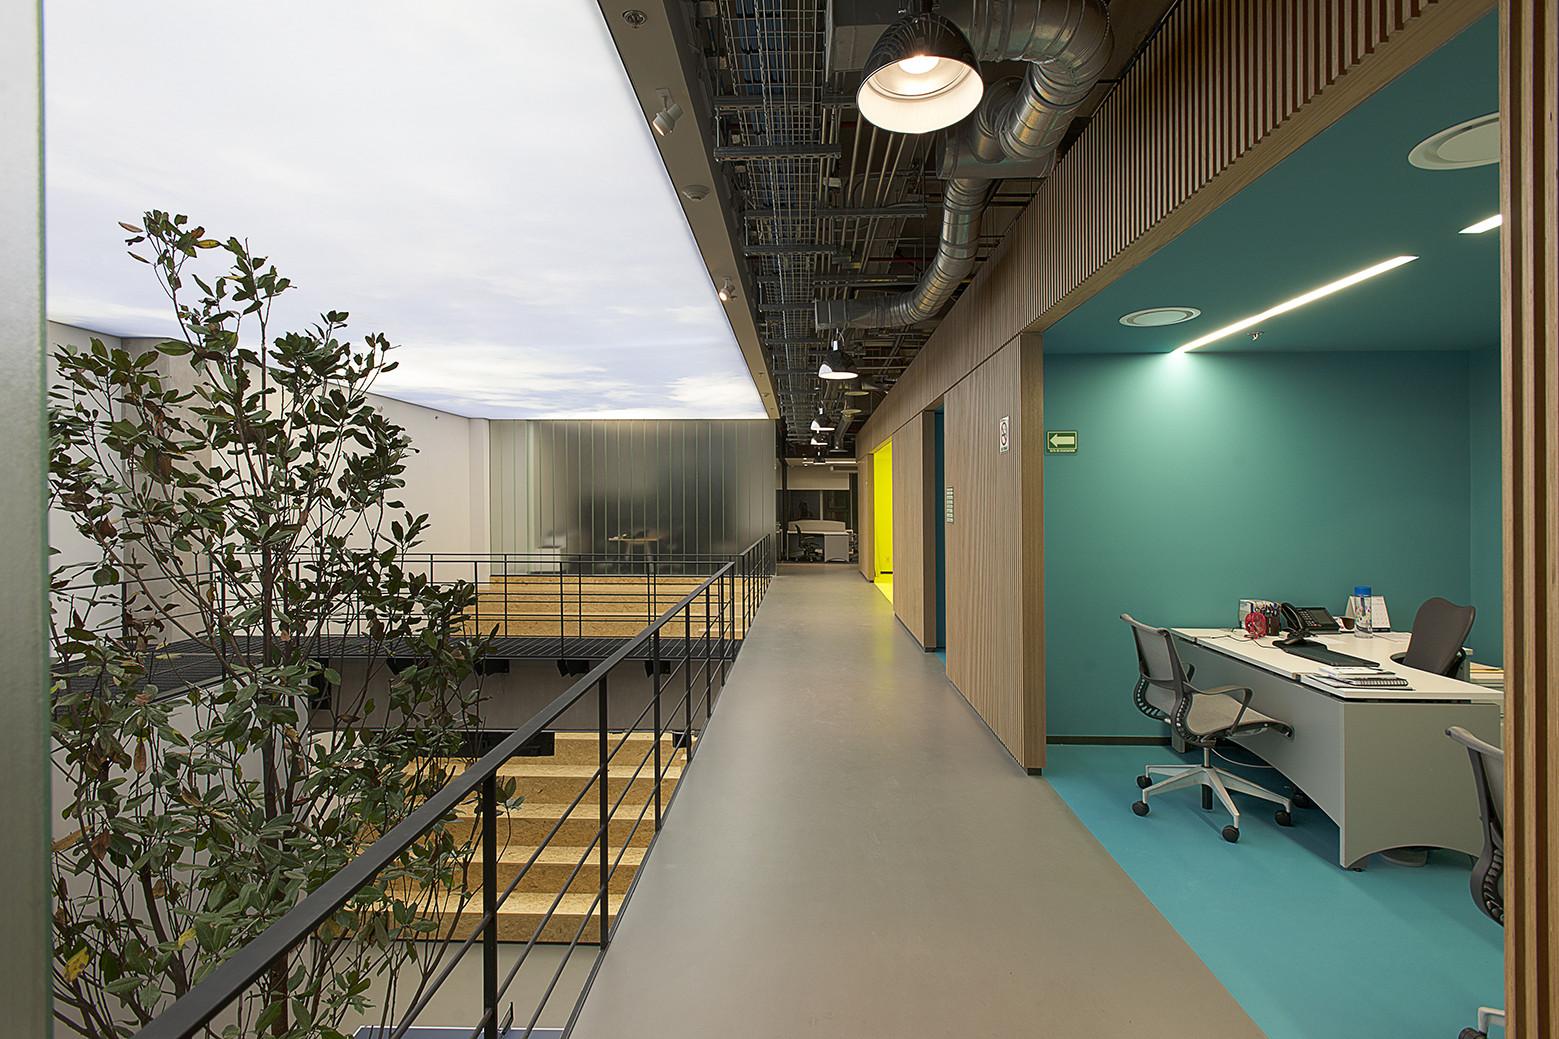 Cincomdos jsa archdaily - Proyecto diseno de interiores ...